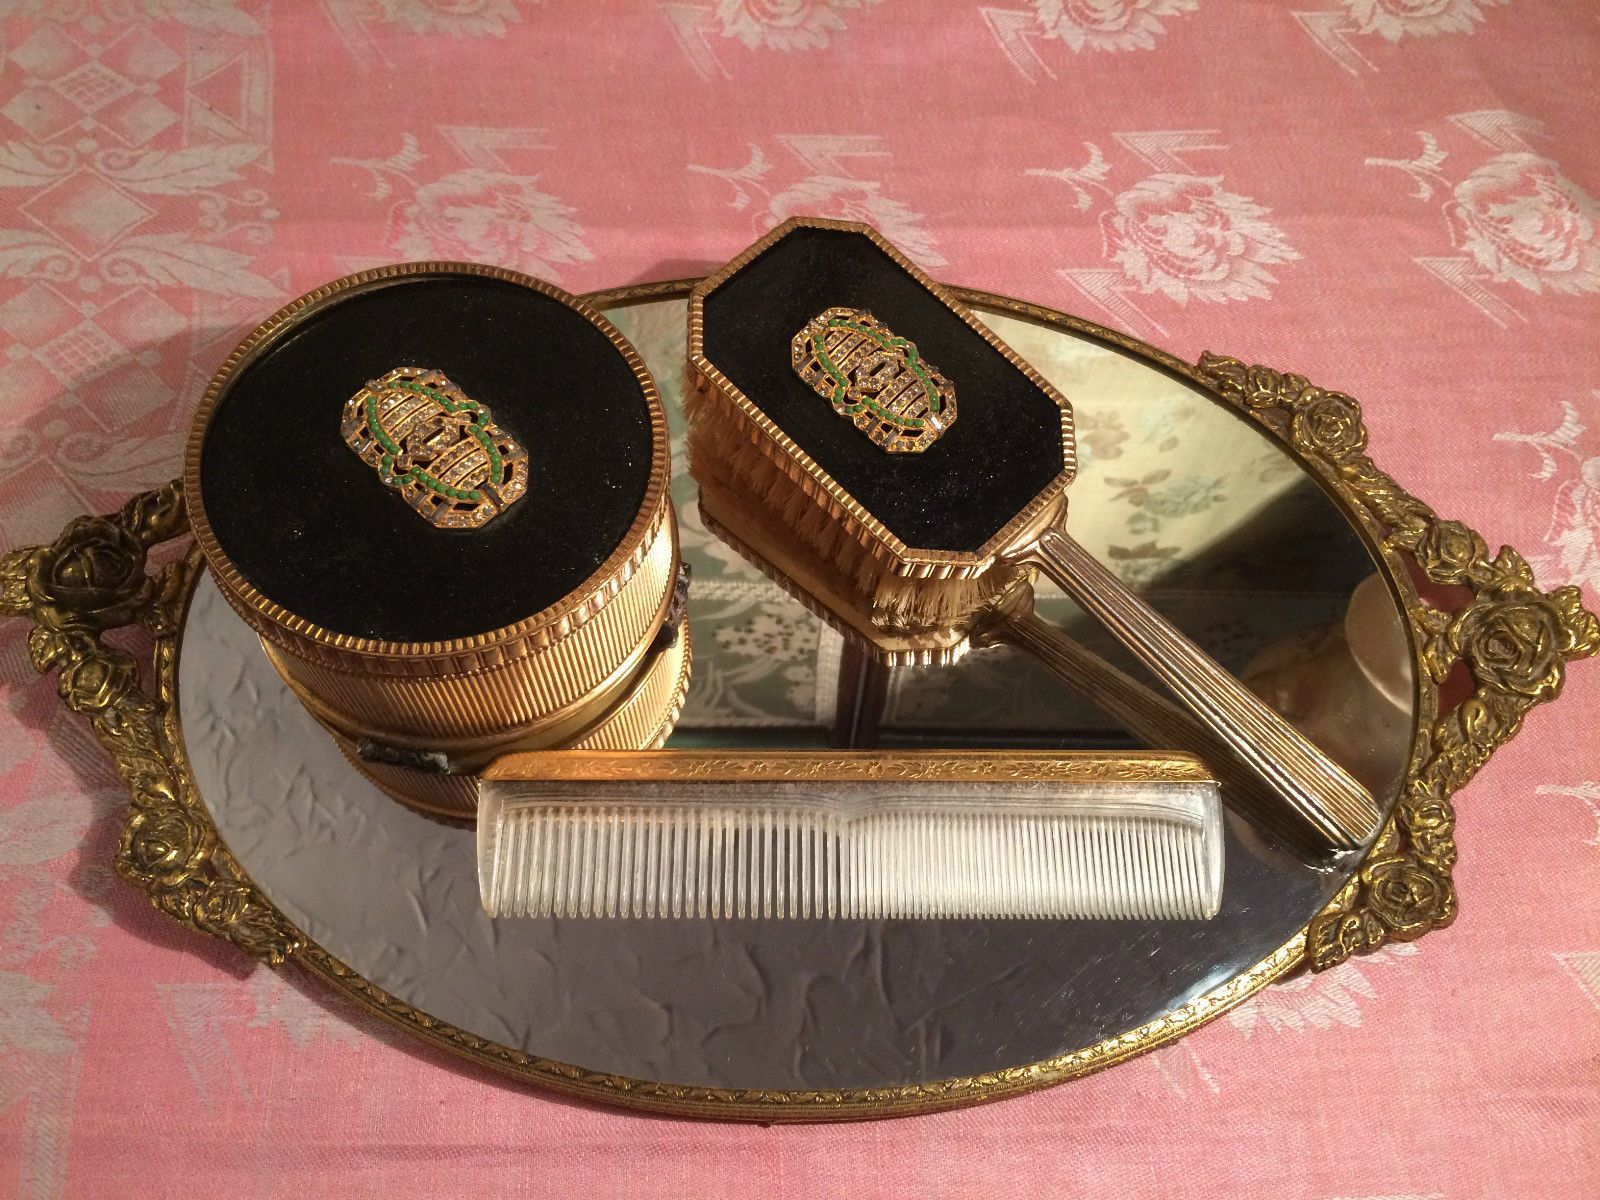 Vintage boudoir vanity ornate gold mirror tray comb jeweled brush vintage boudoir vanity ornate gold mirror tray comb jeweled brush powder box ebay geotapseo Gallery